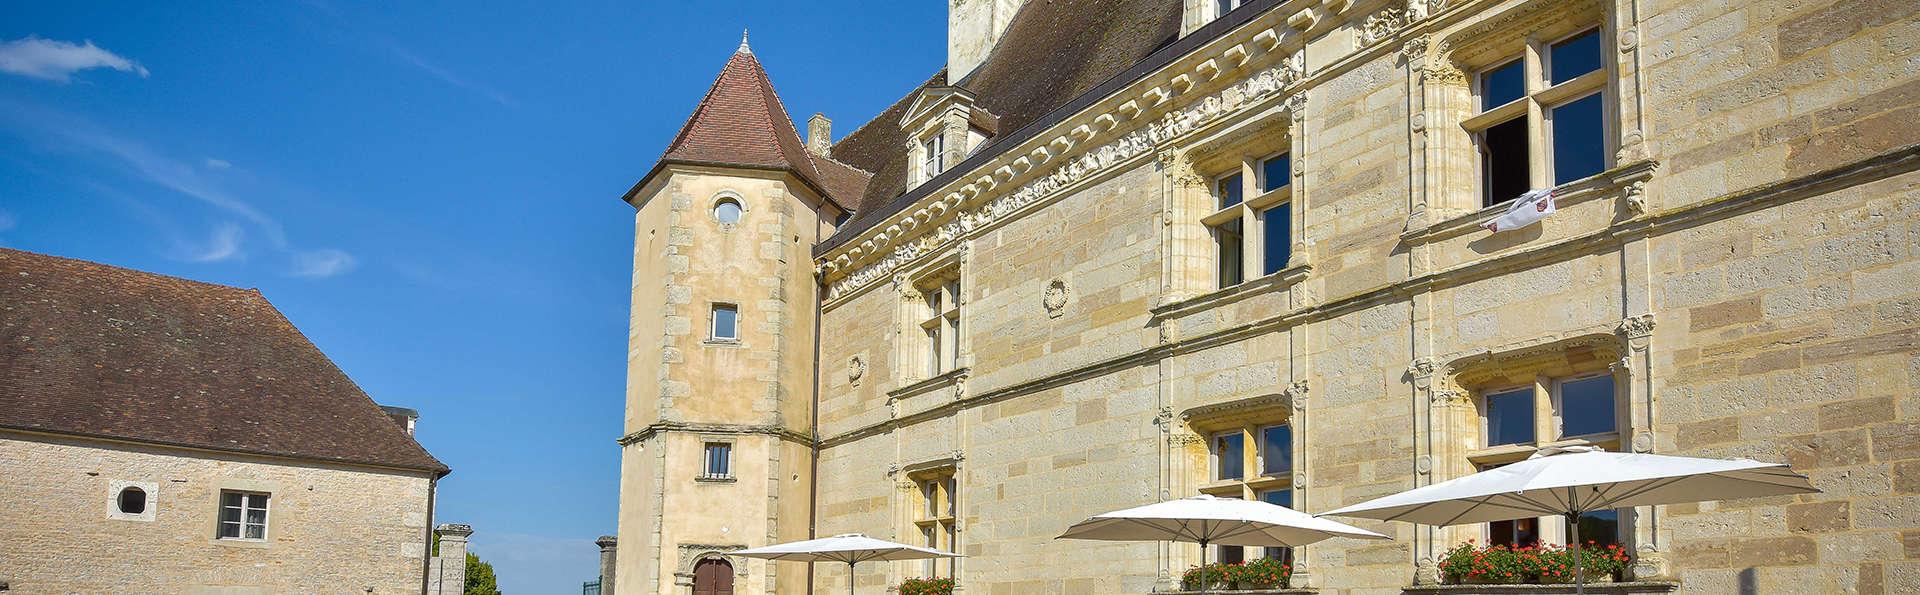 Week-end avec visite de cave et dégustation au Château de Pommard